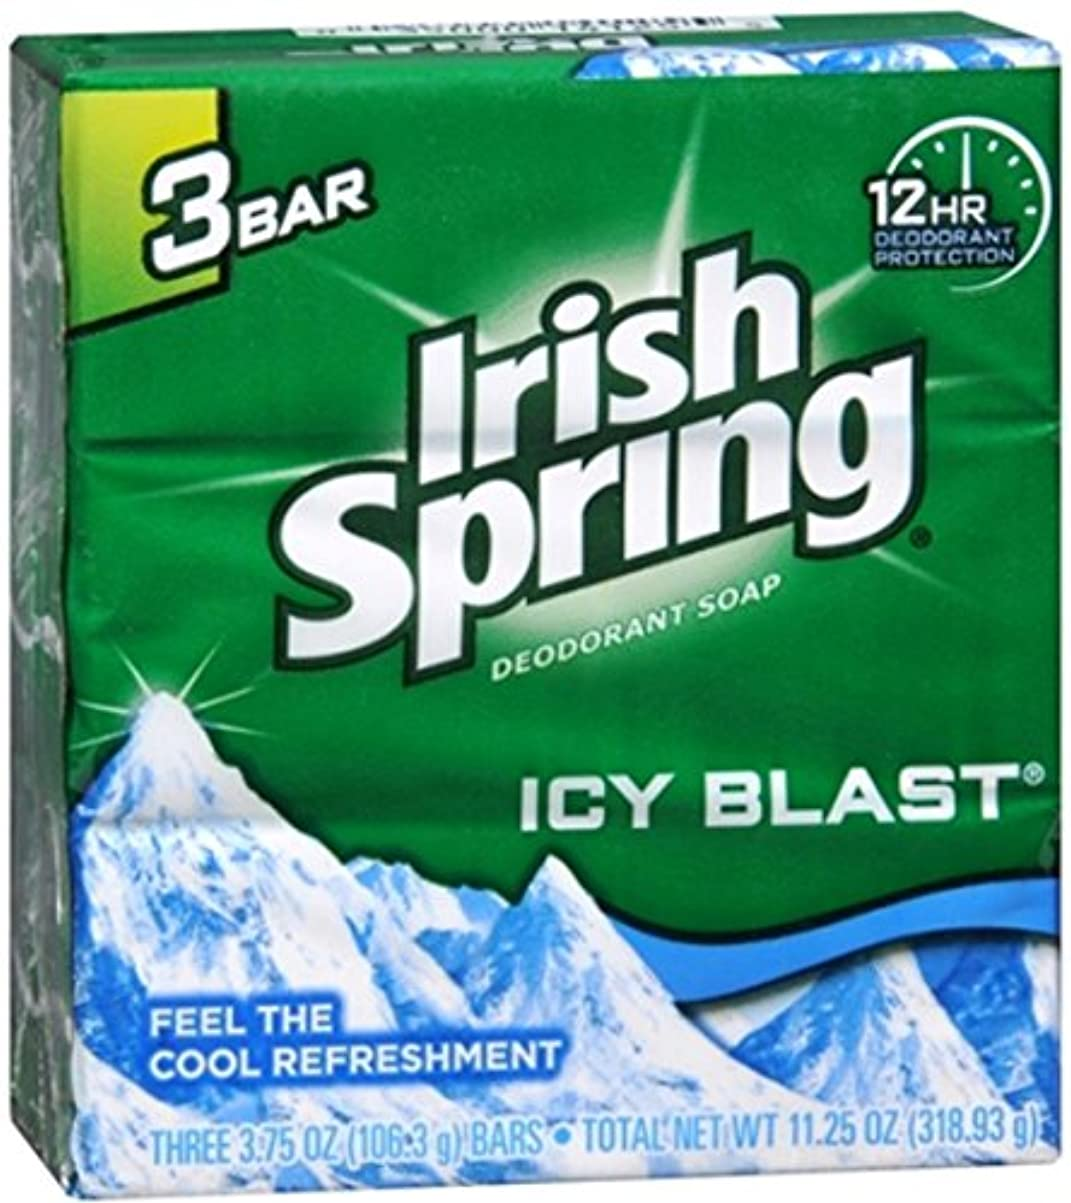 安定しましたスタジアムテスト【Irish Spring】アイリッシュスプリング?デオドラント石鹸113g×3個パック 【アイシーブラスト】